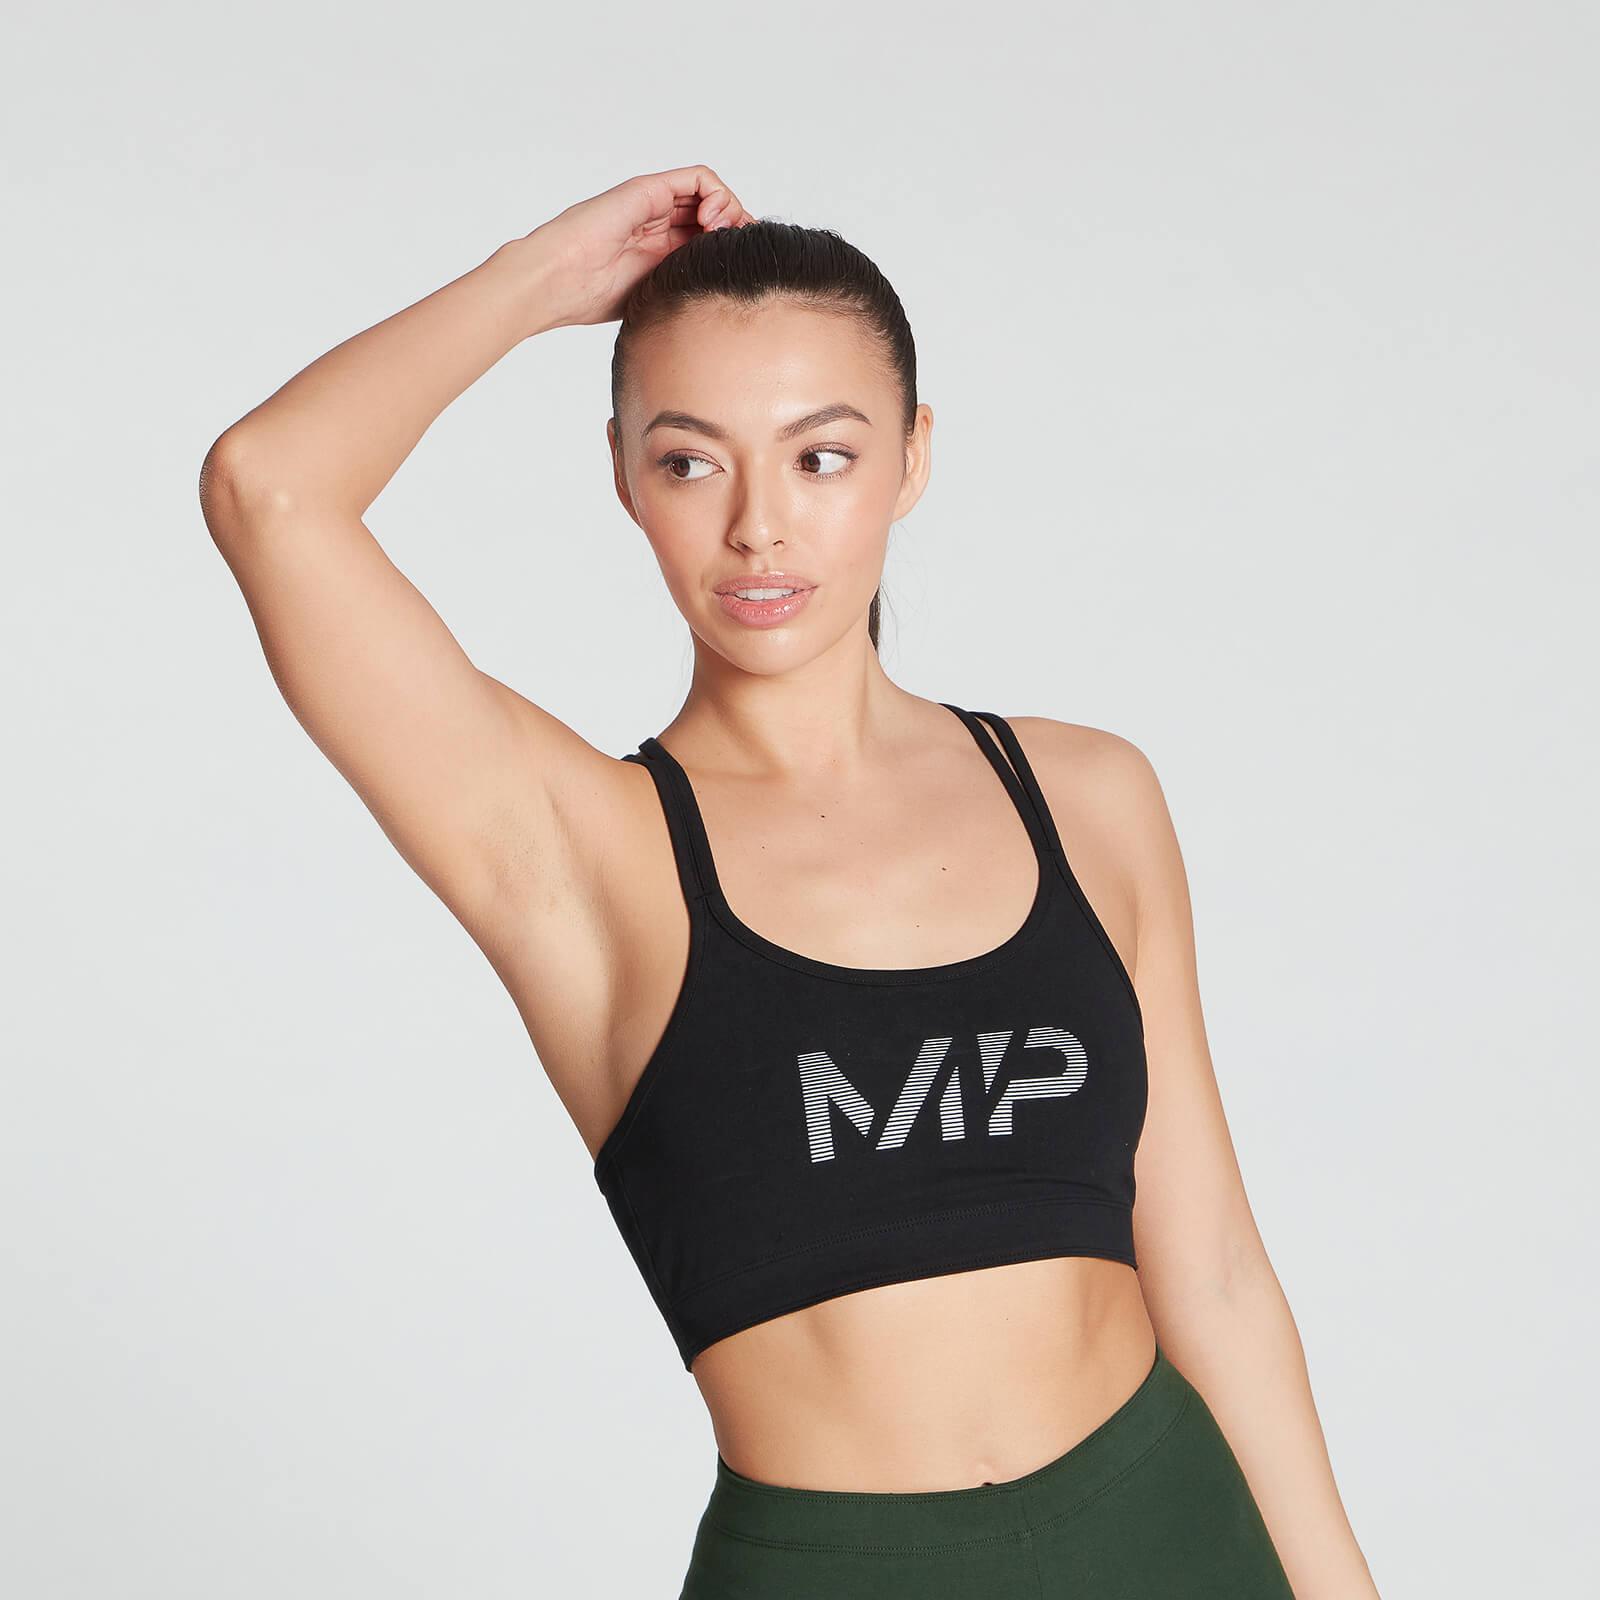 Купить MP Women's Gradient Line Graphic Sports Bra - Black - XXS, Myprotein International